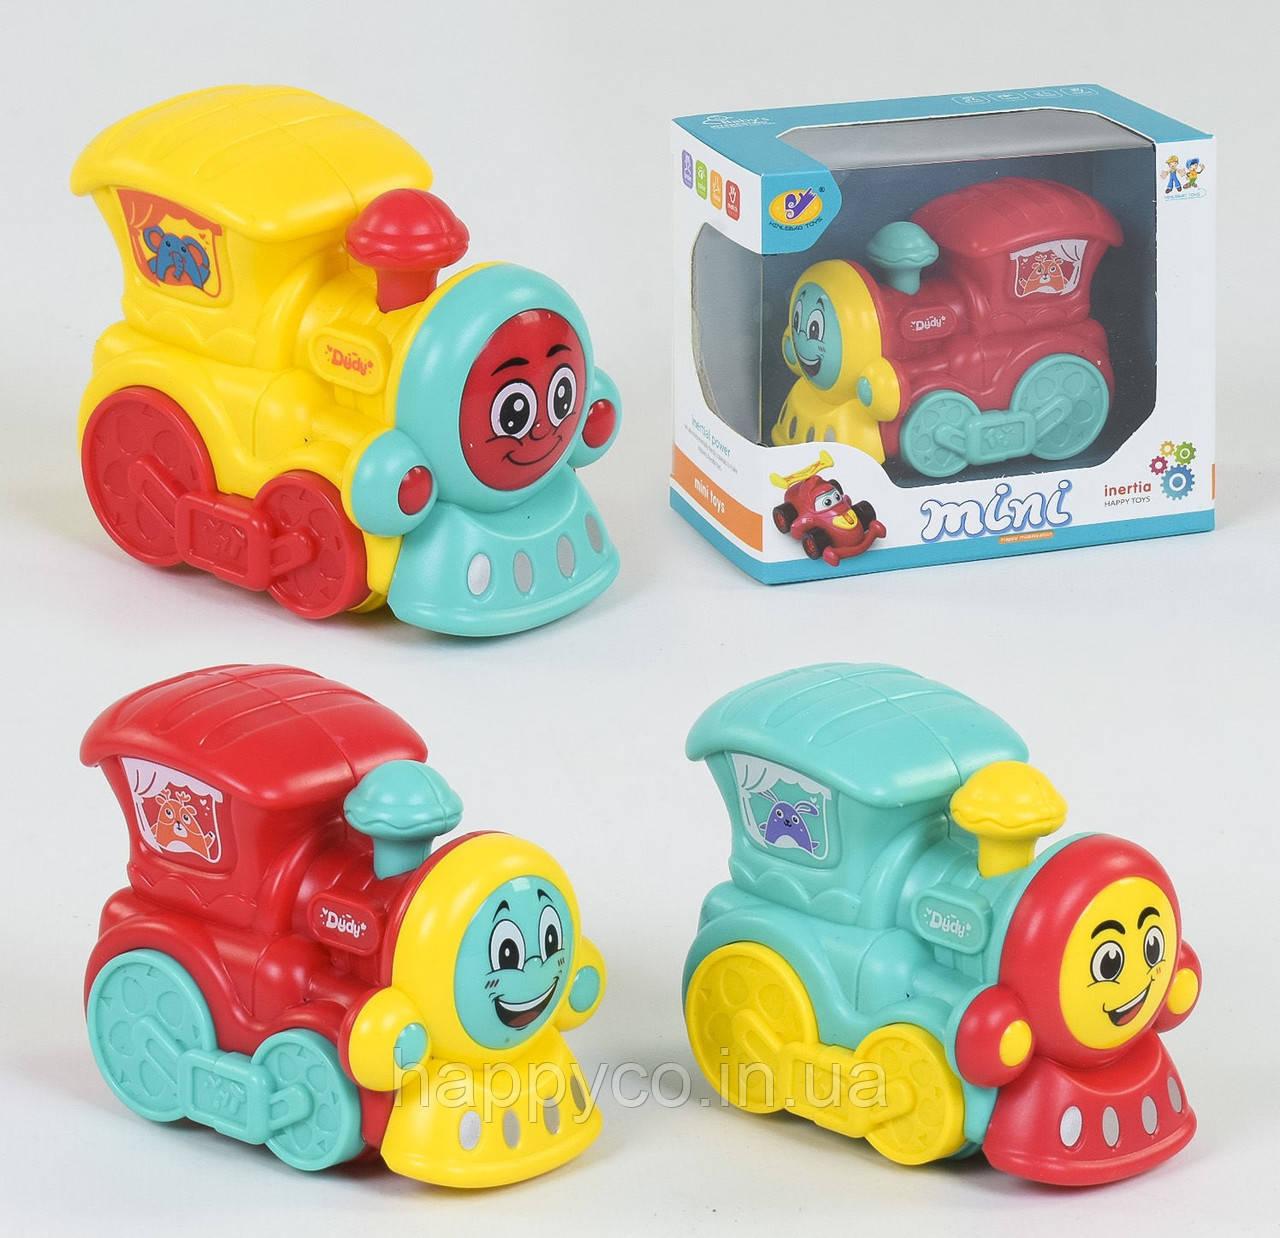 Детская игрушка мини поезд, инерция